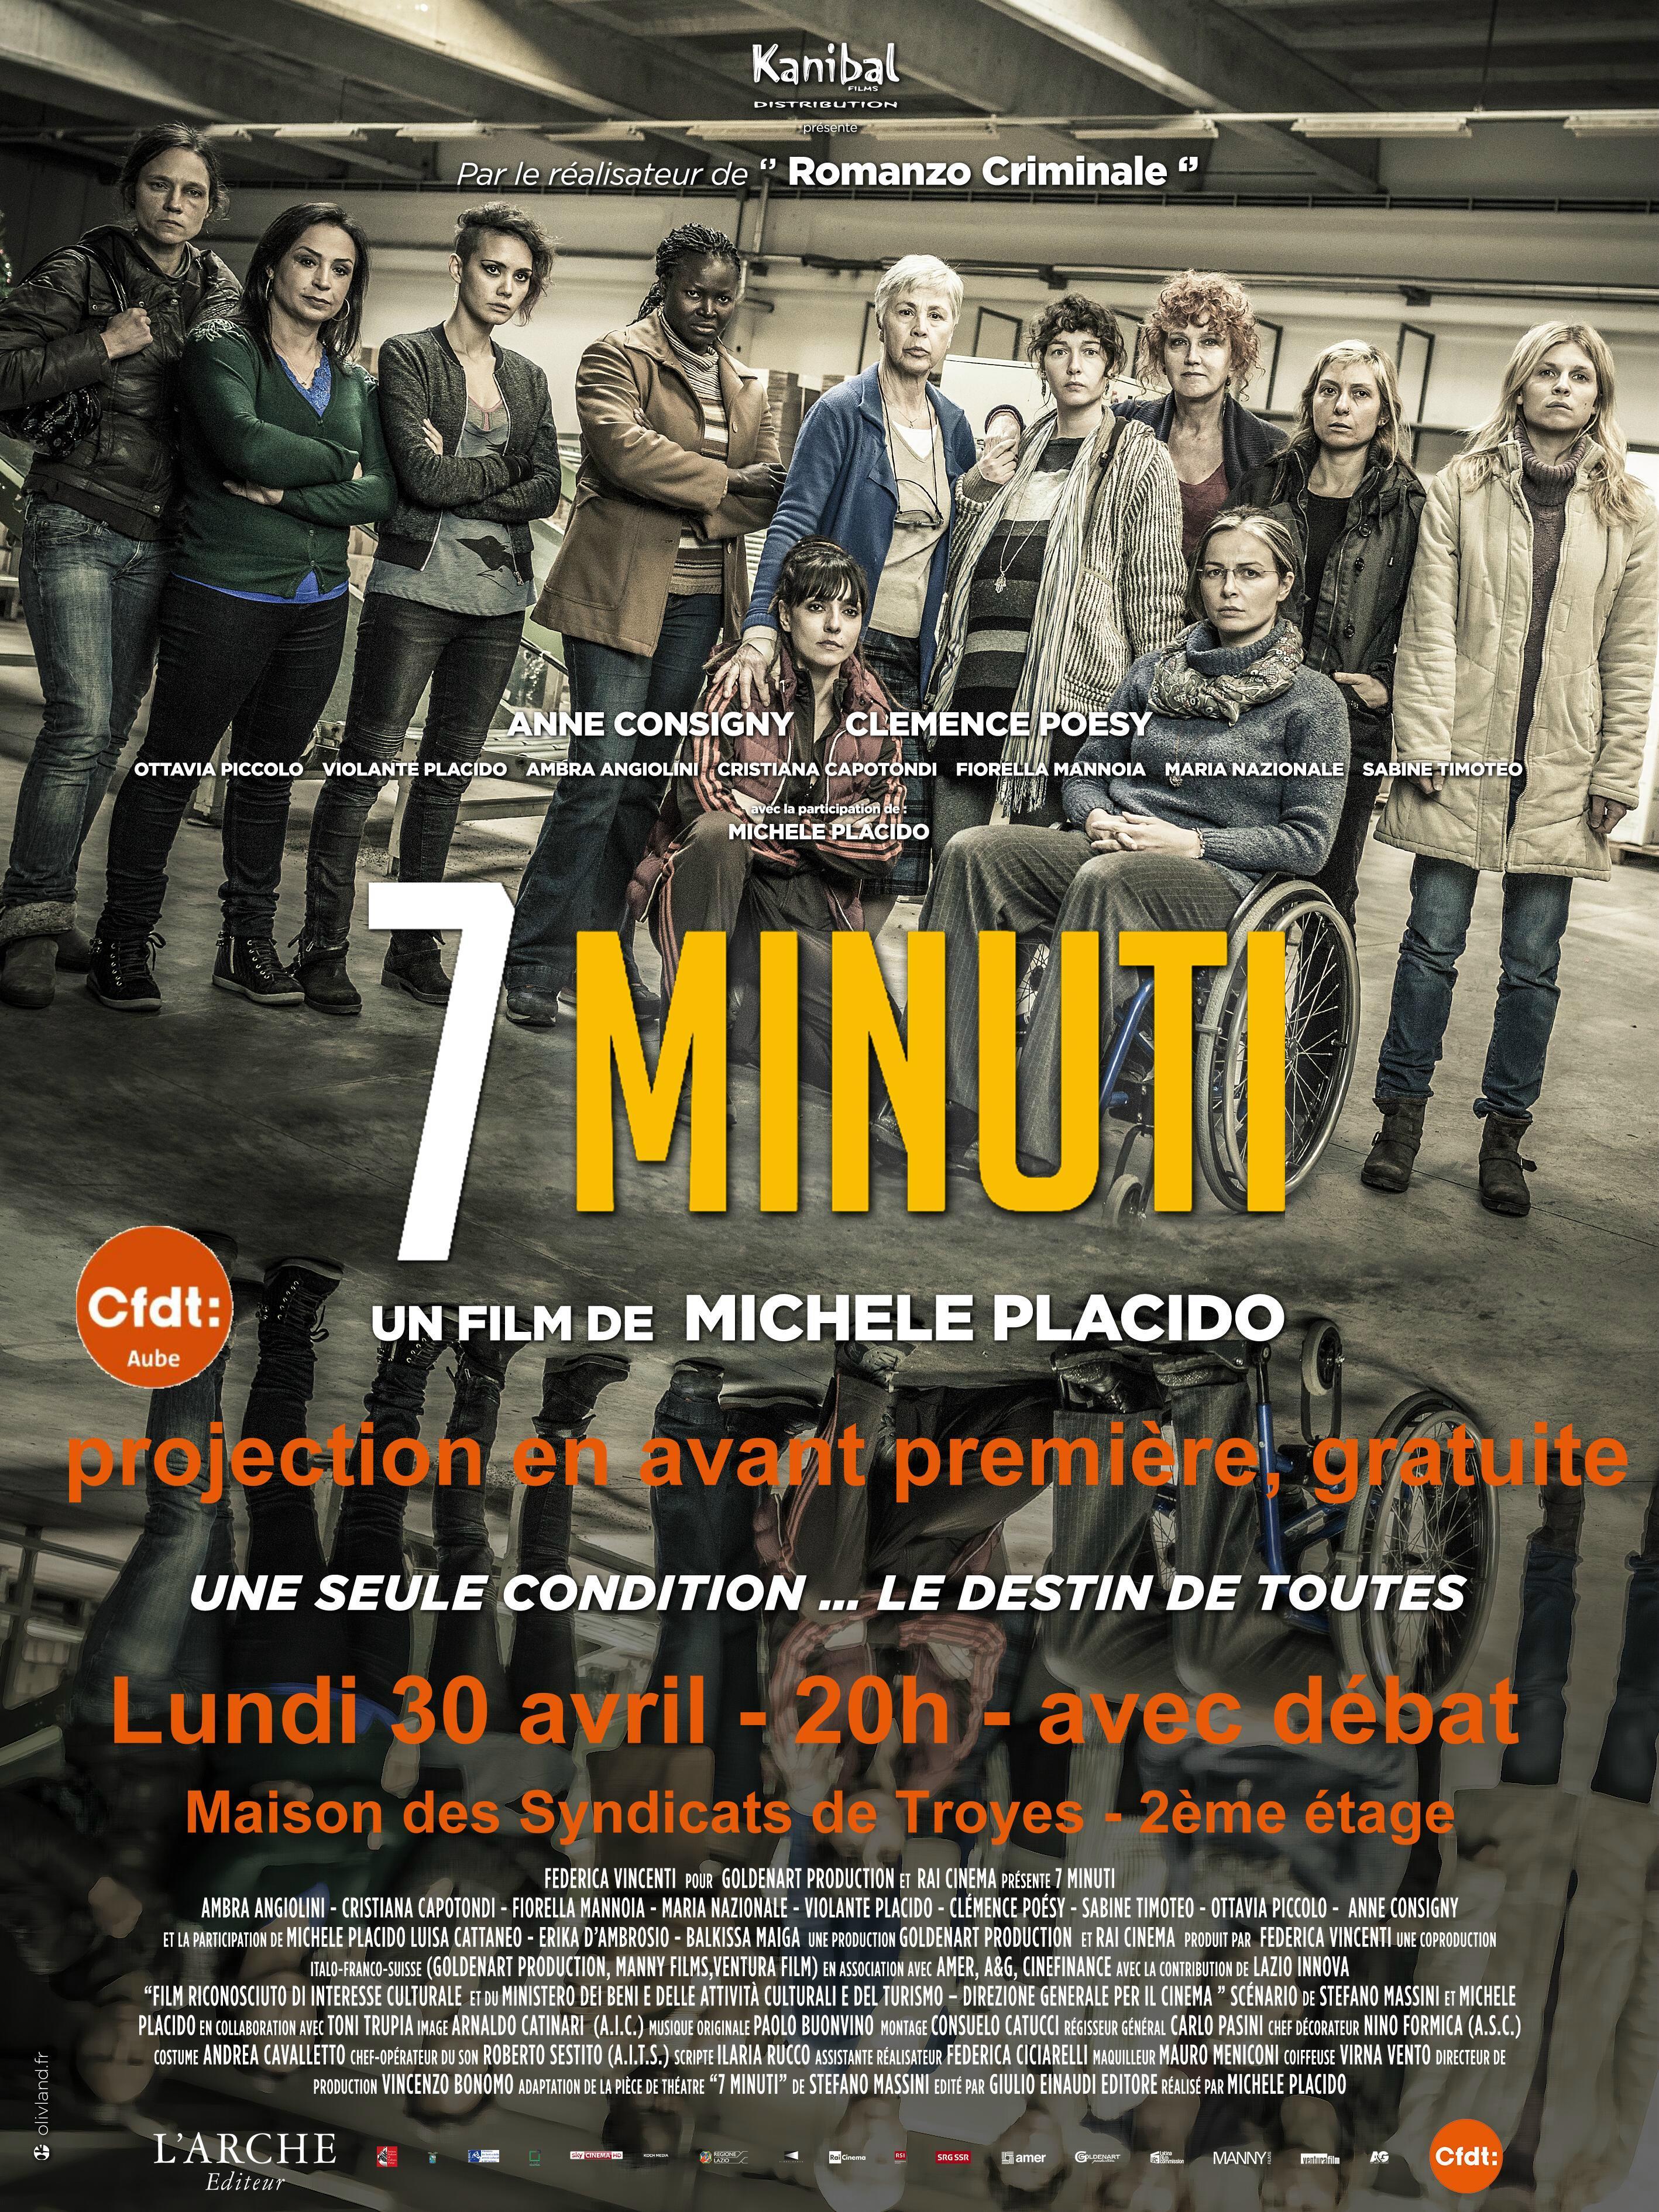 7 MINUTI - 30 avril Troyes v2